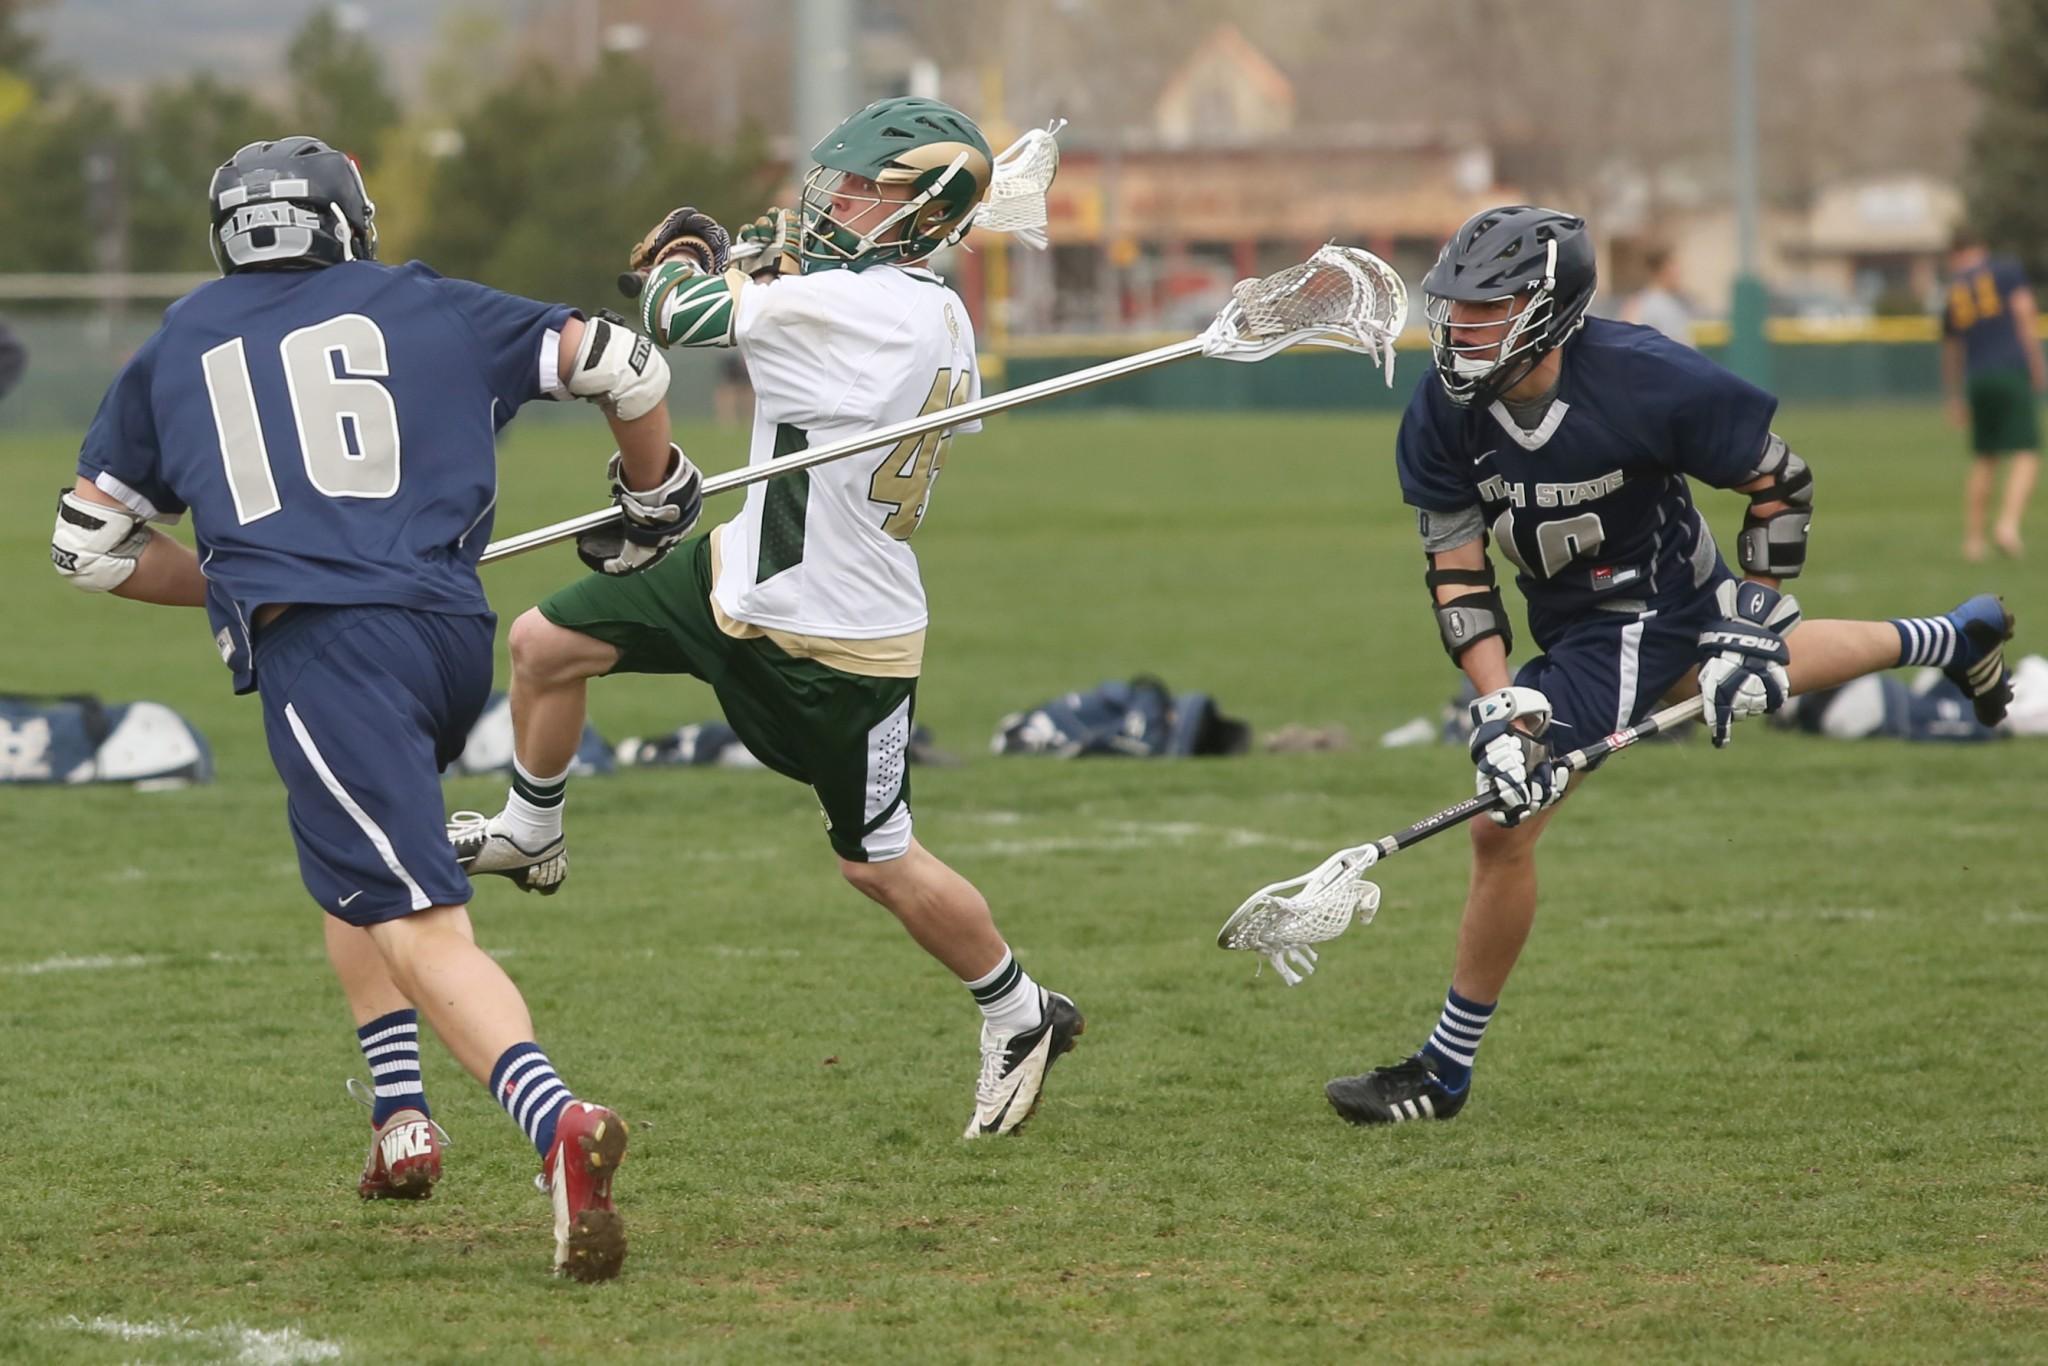 CSU, BYU men's lacrosse teams to face off in RMLC ...